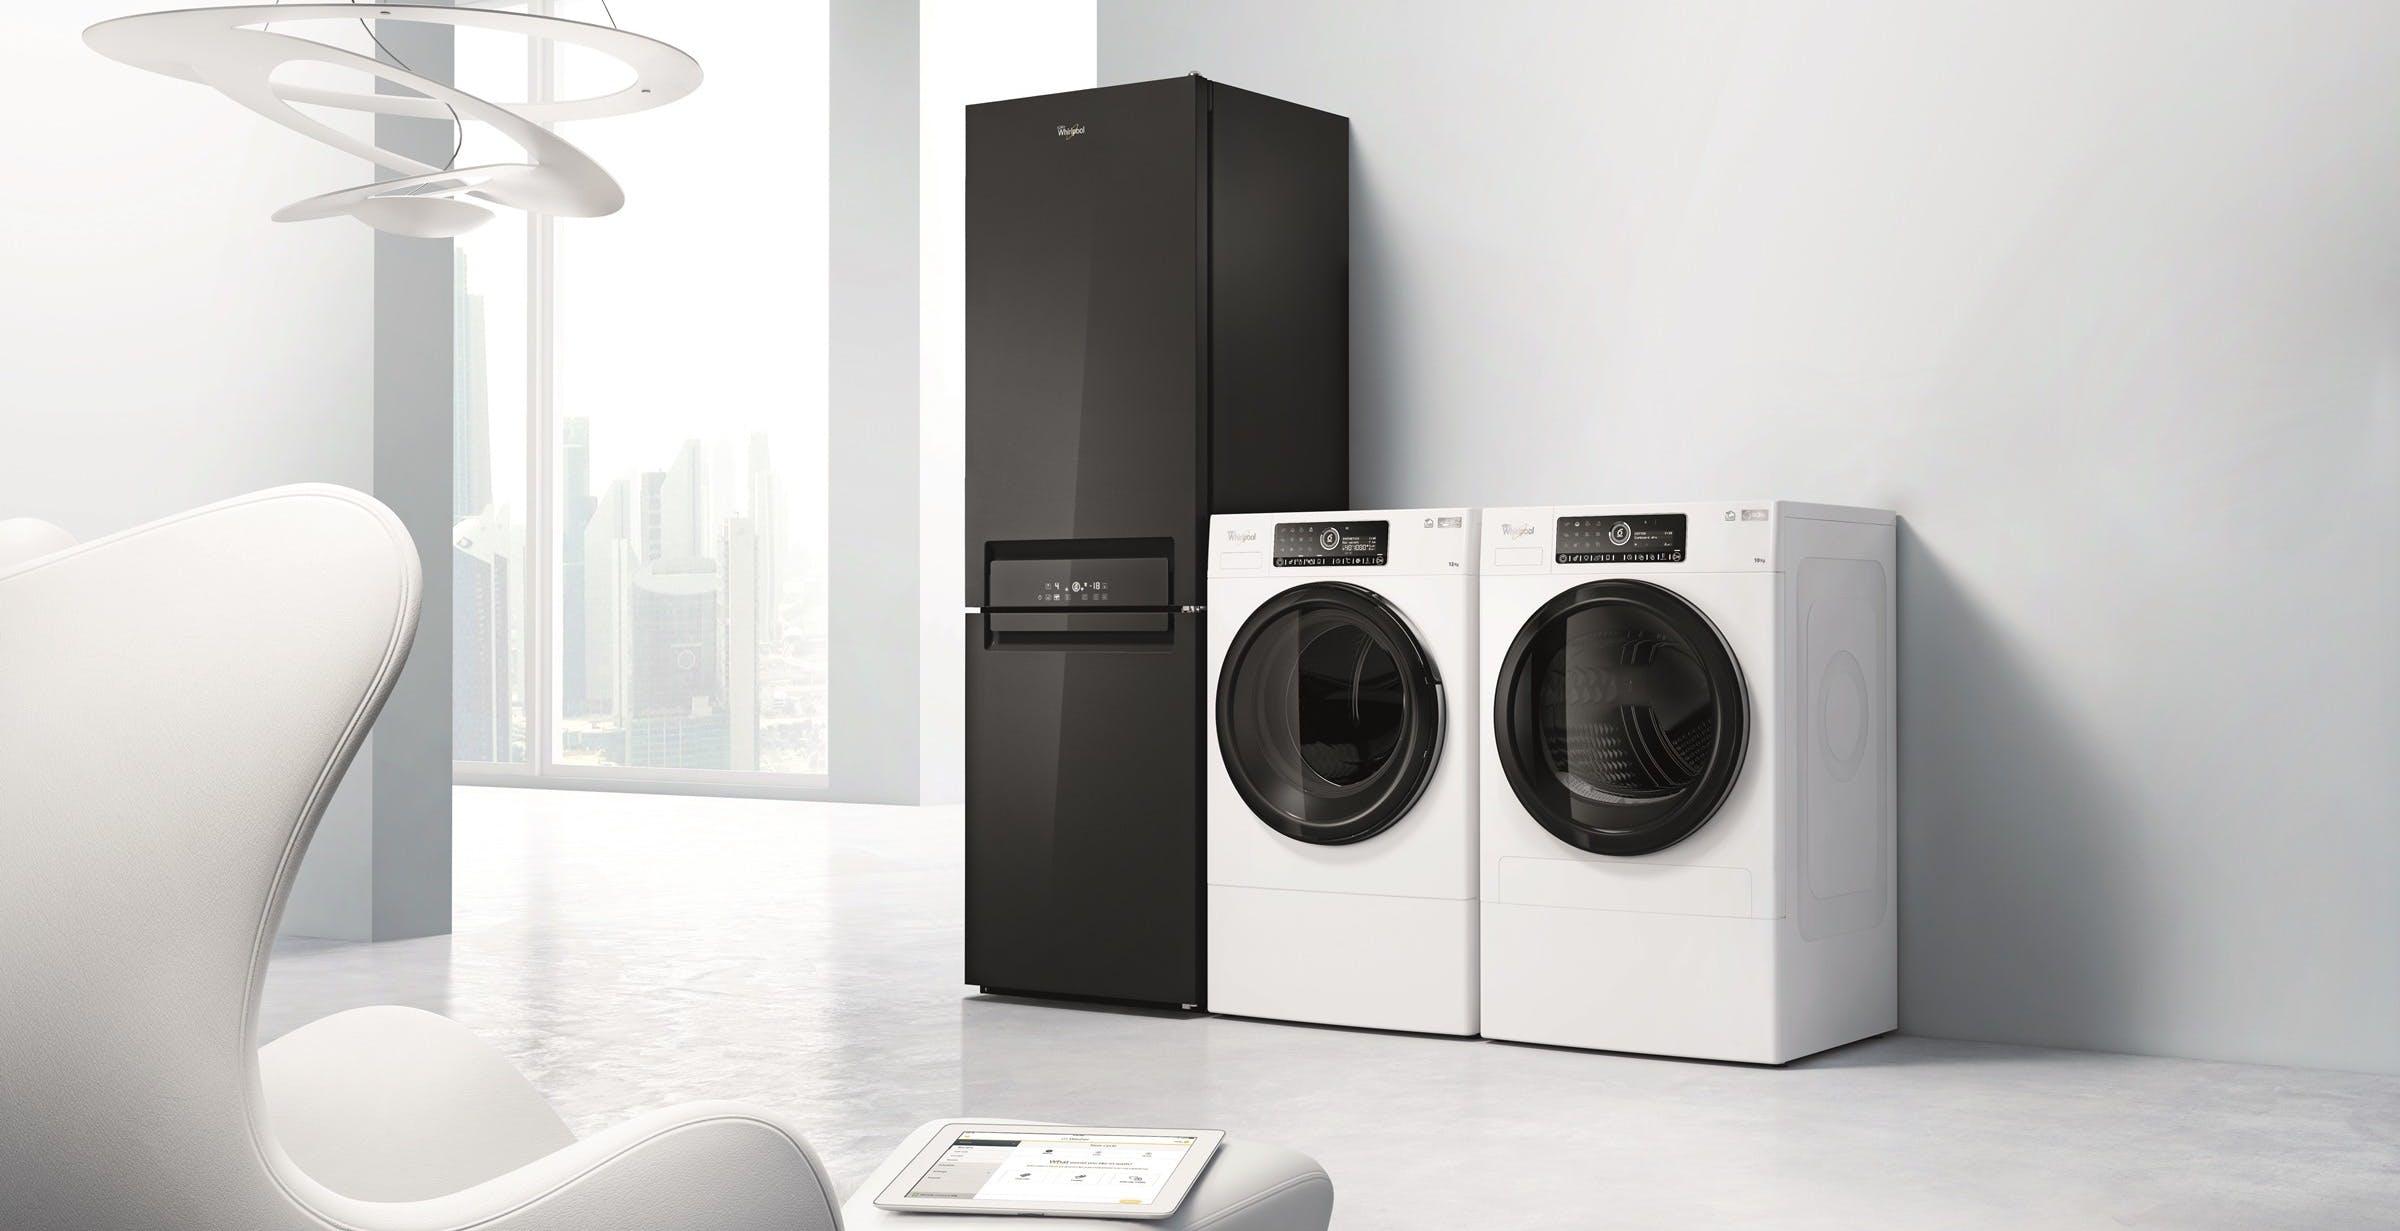 """La crisi dei chip colpisce anche frigoriferi e forni a microonde. Whirlpool: """"È stata una tempesta perfetta"""""""